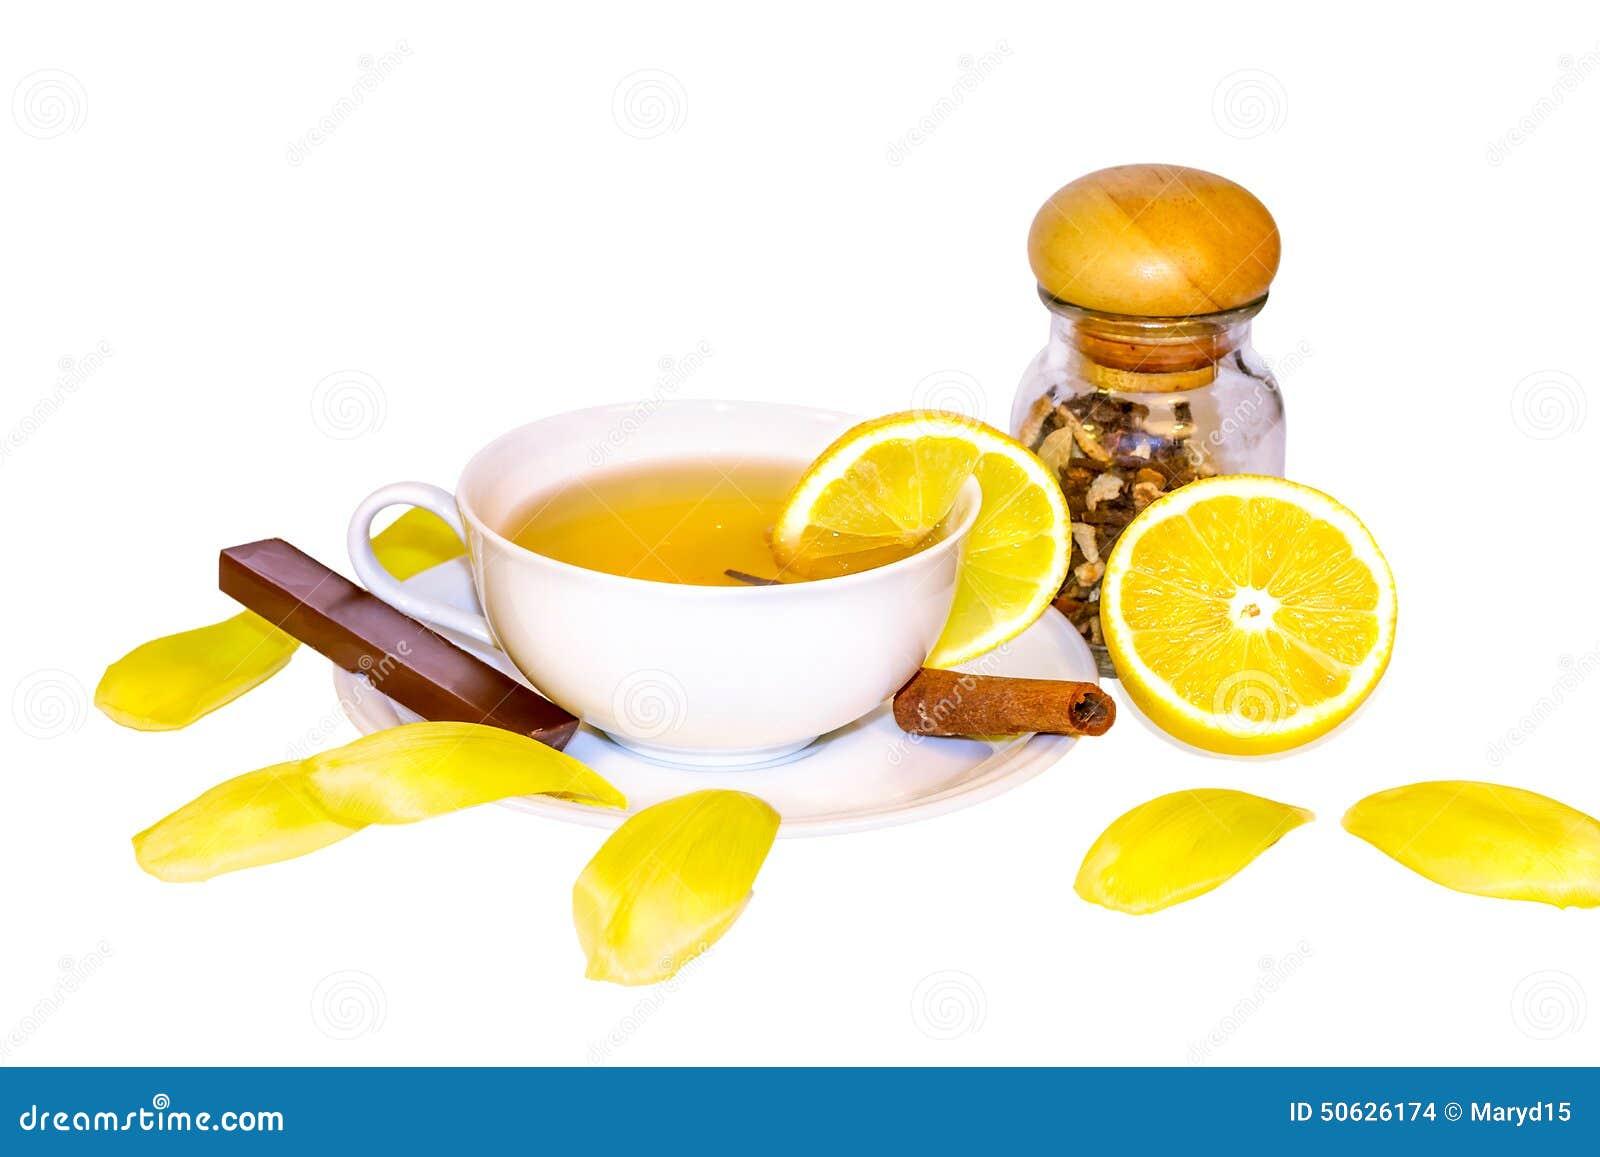 Thé, citron, cannelle en tant que remèdes naturels pour le froid